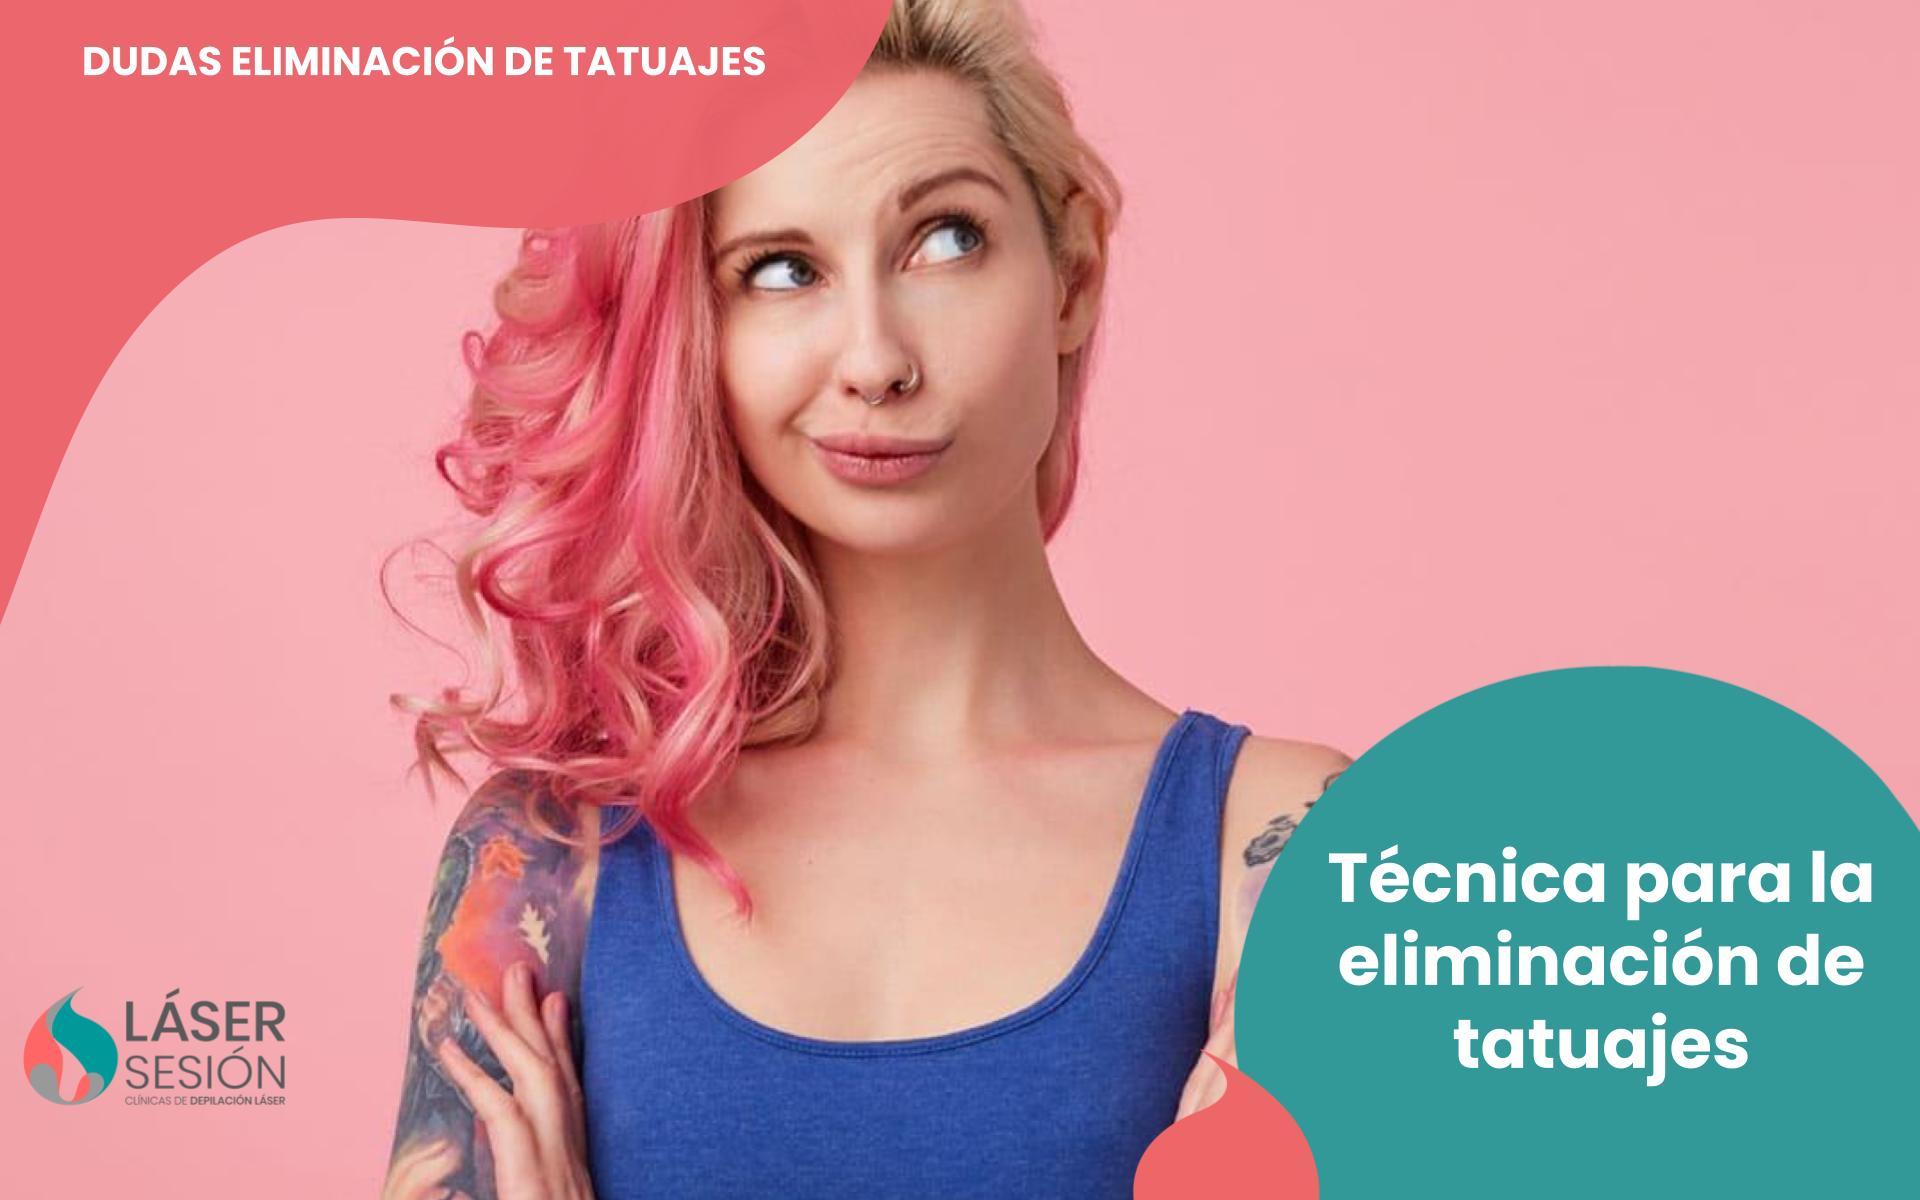 Técnica para la eliminación de tatuajes